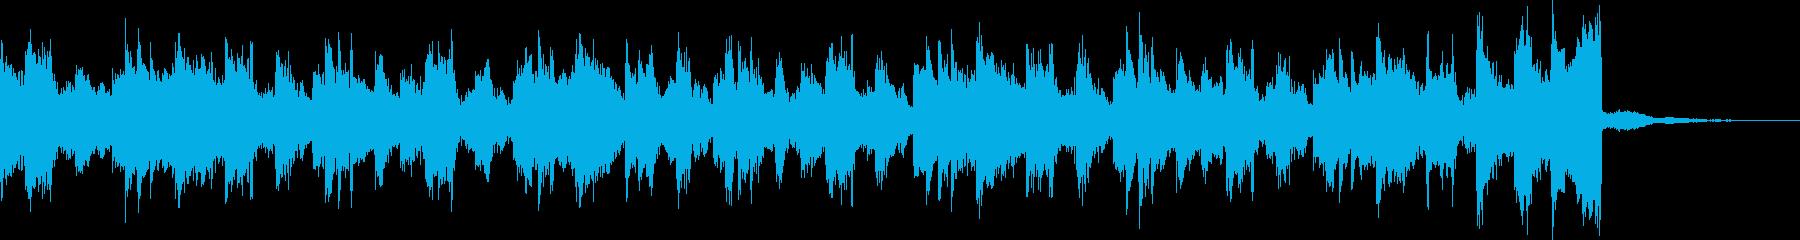 チルアウト軽快爽やかなトロピカルハウスhの再生済みの波形